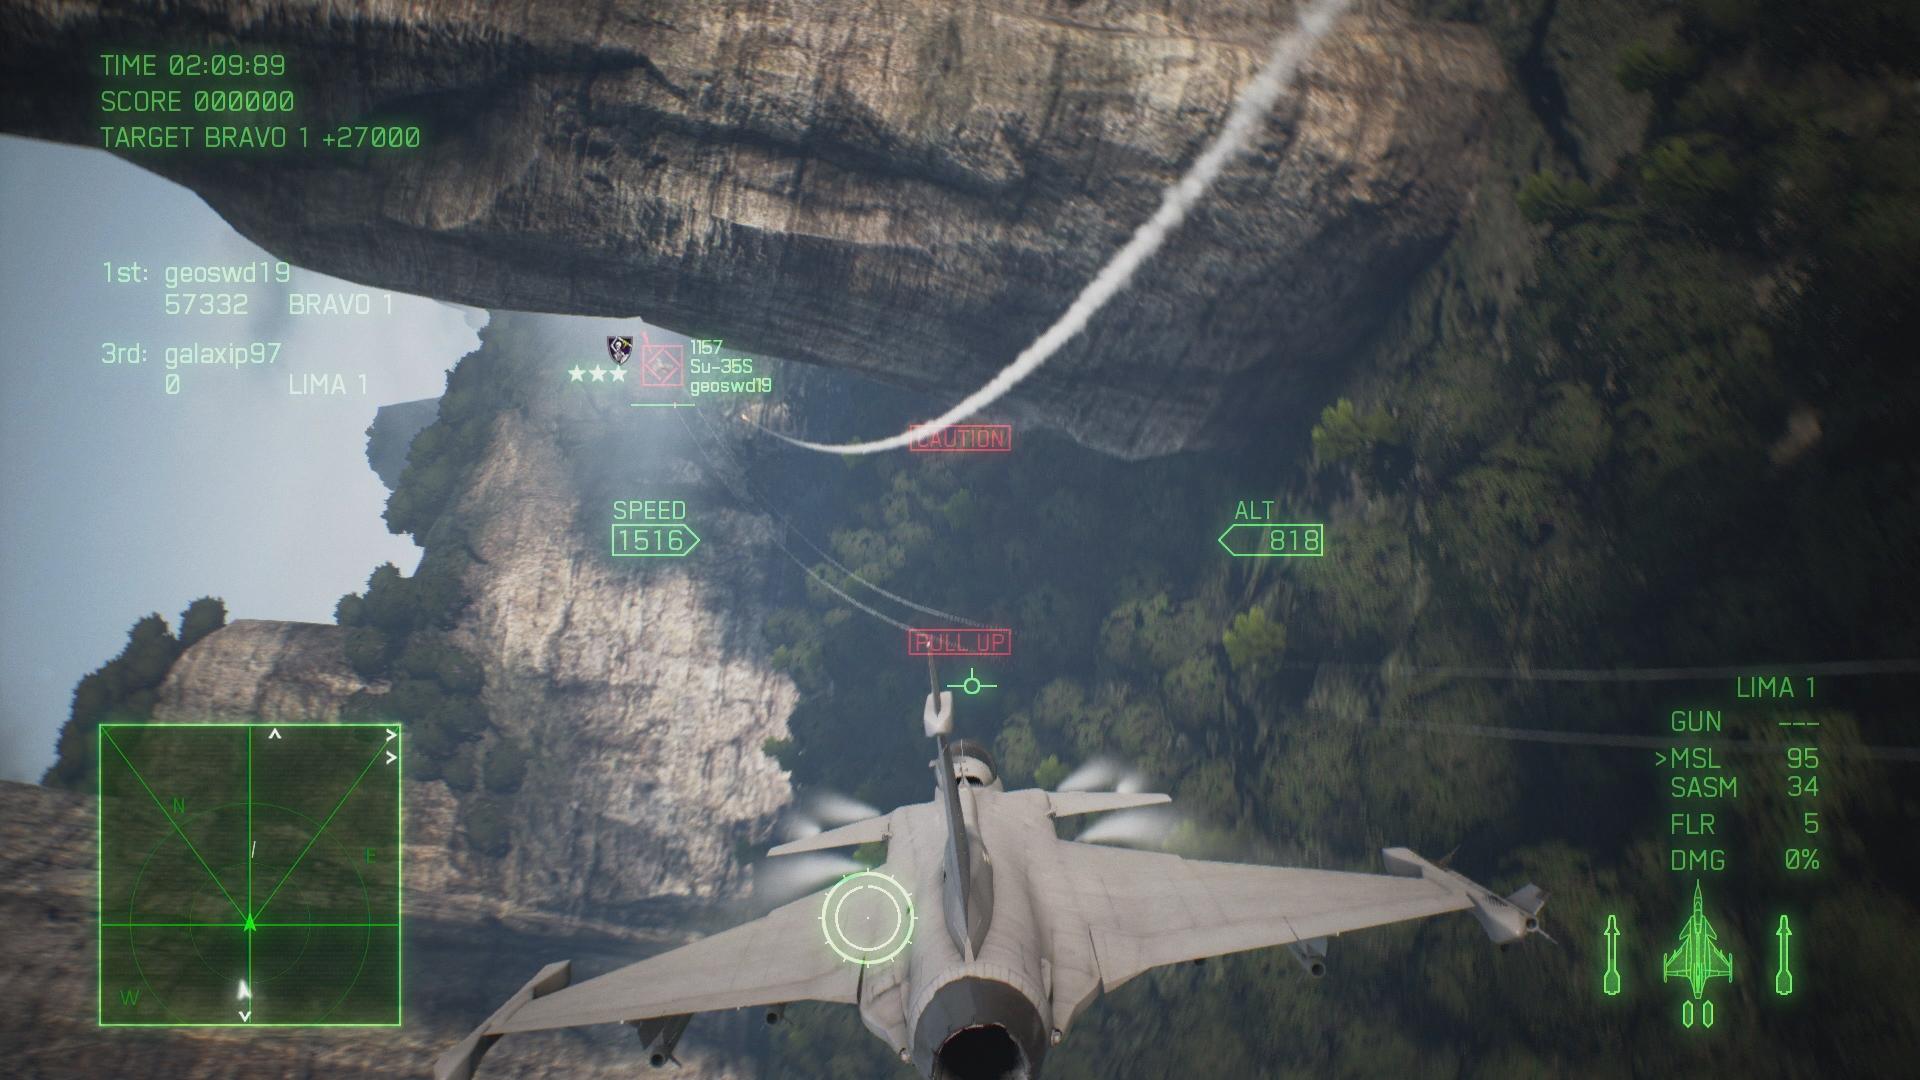 Ace Combat 7 : Skies Unknown (PC, PS4 & XBOX ONE) 1544777953-1899-capture-d-ecran